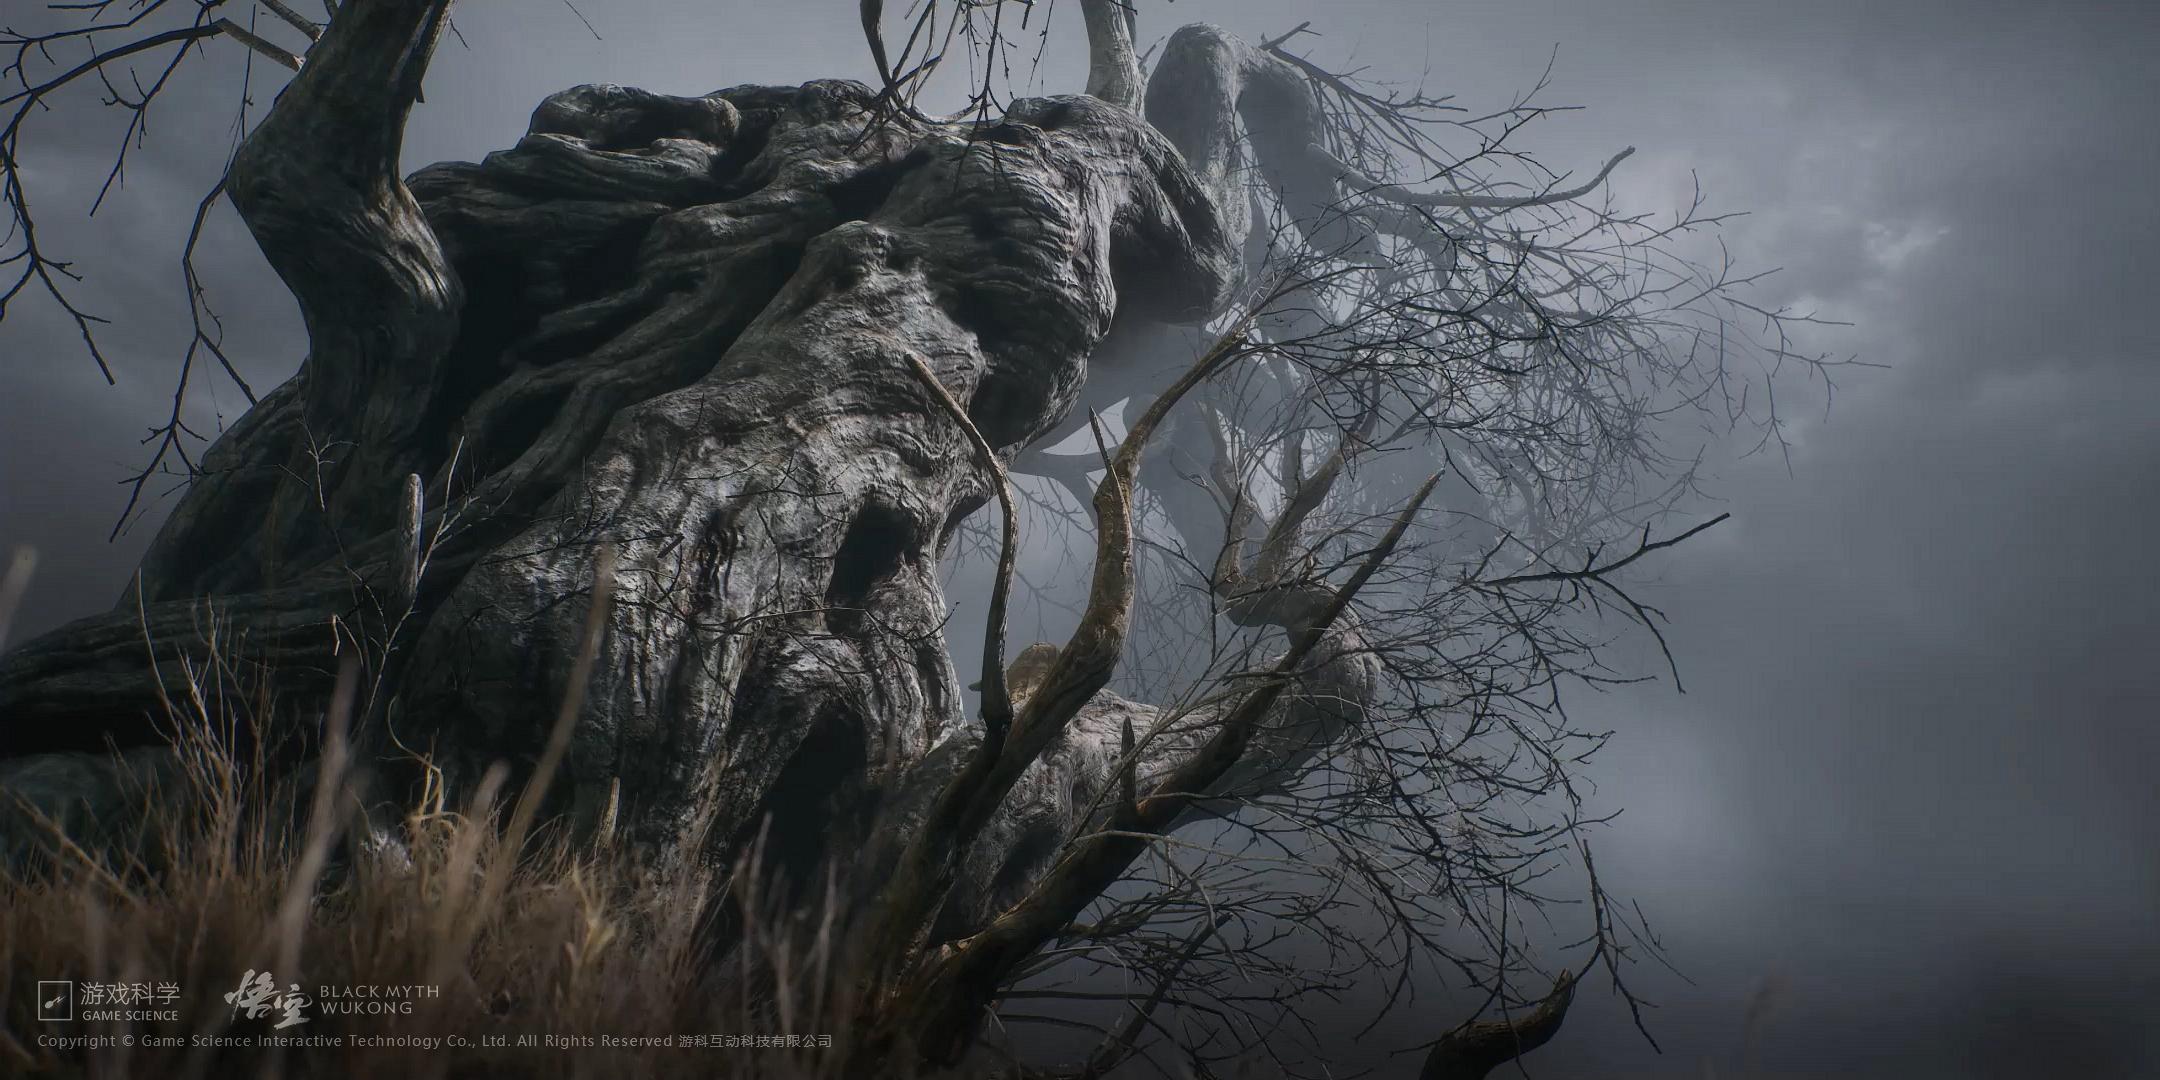 Black Myth: Wu Kong annunciato per Console e PC 21